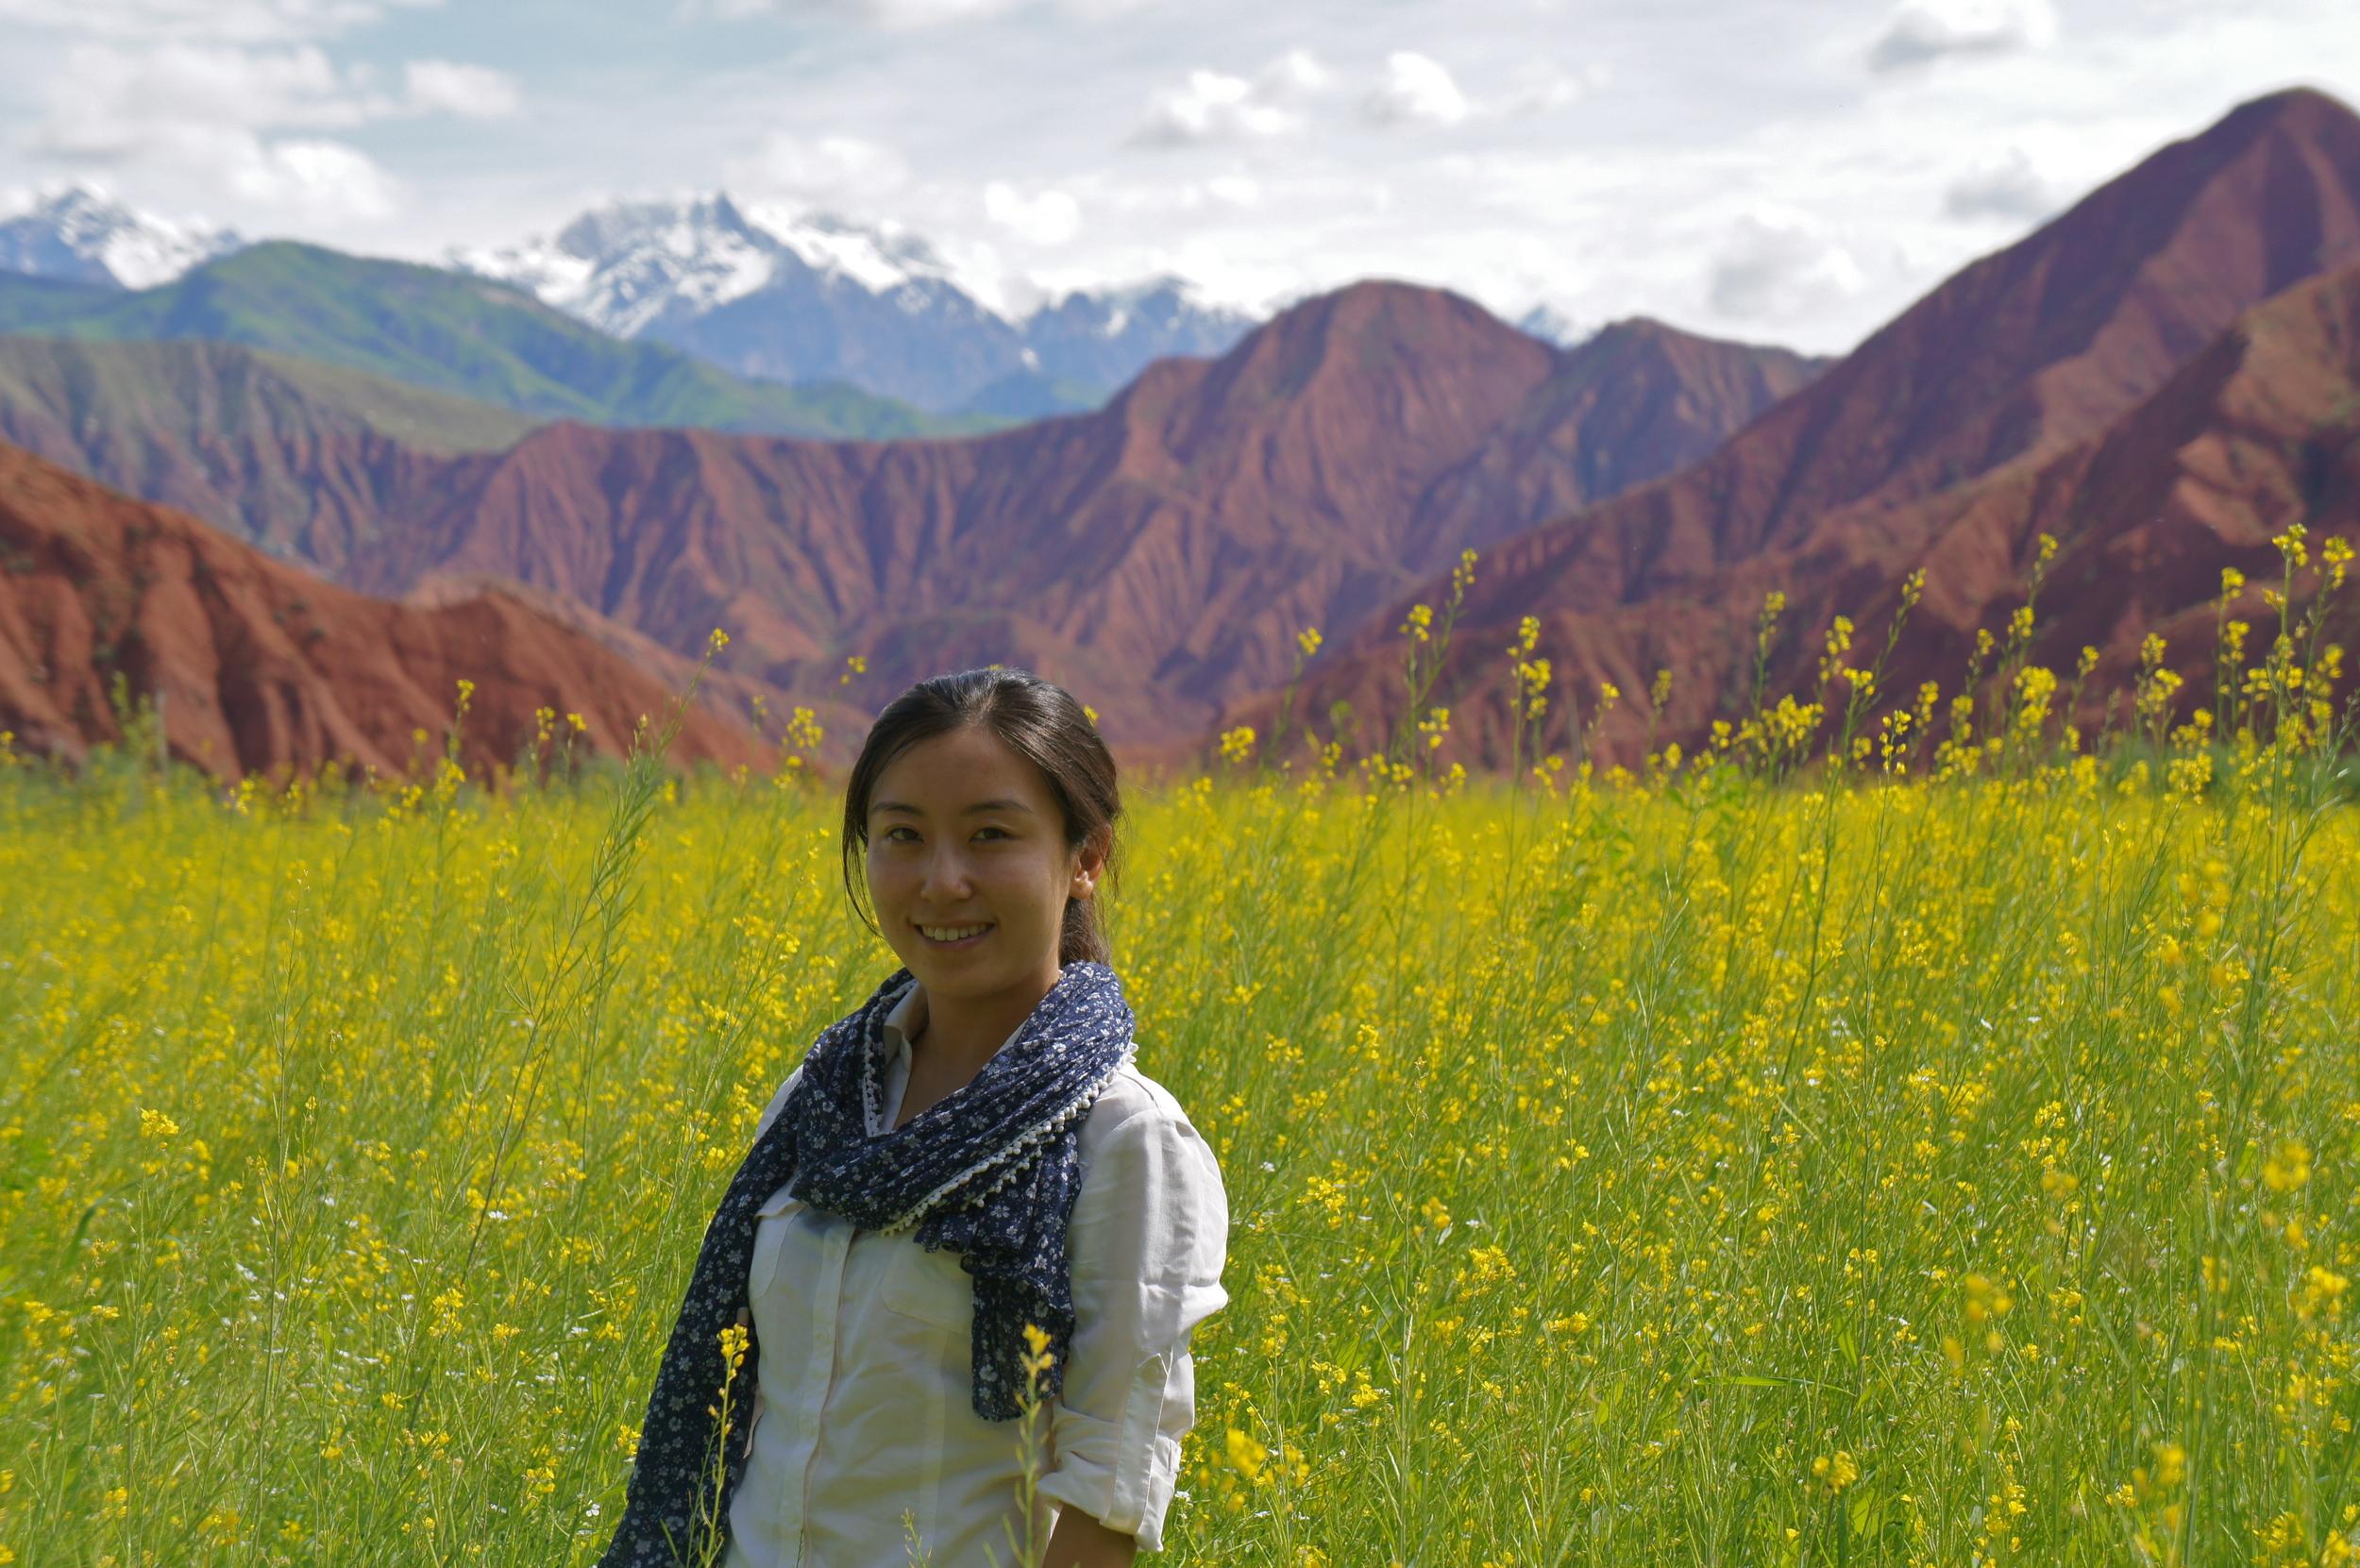 The Tianshan Mountain